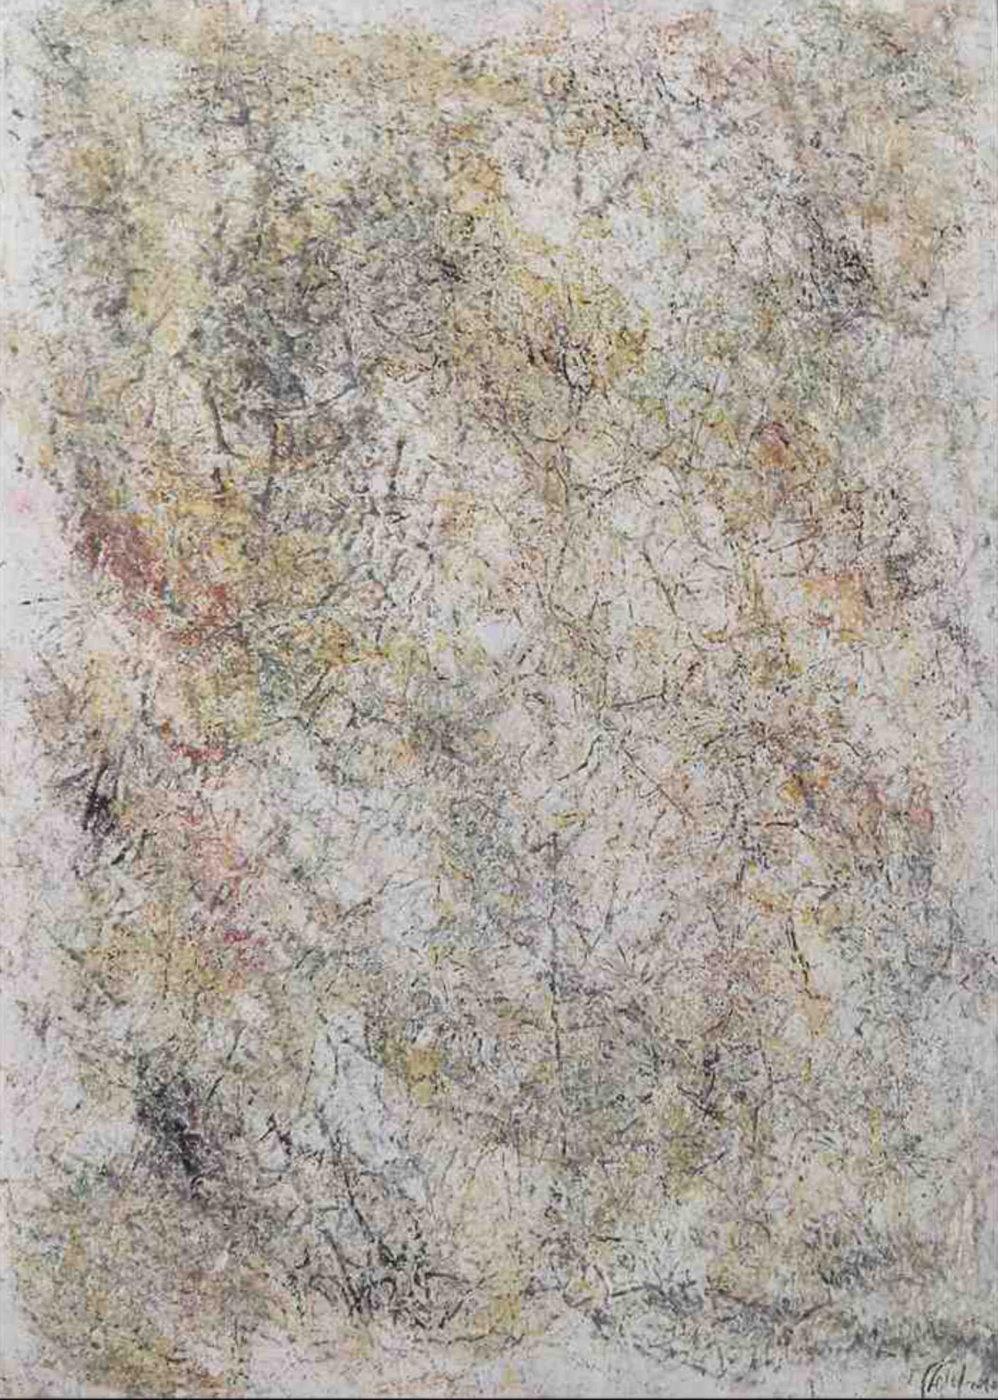 MARC FELD 2010 CARTOMANCIE 4  Huile et pigment sur papier 44 x 63 cm